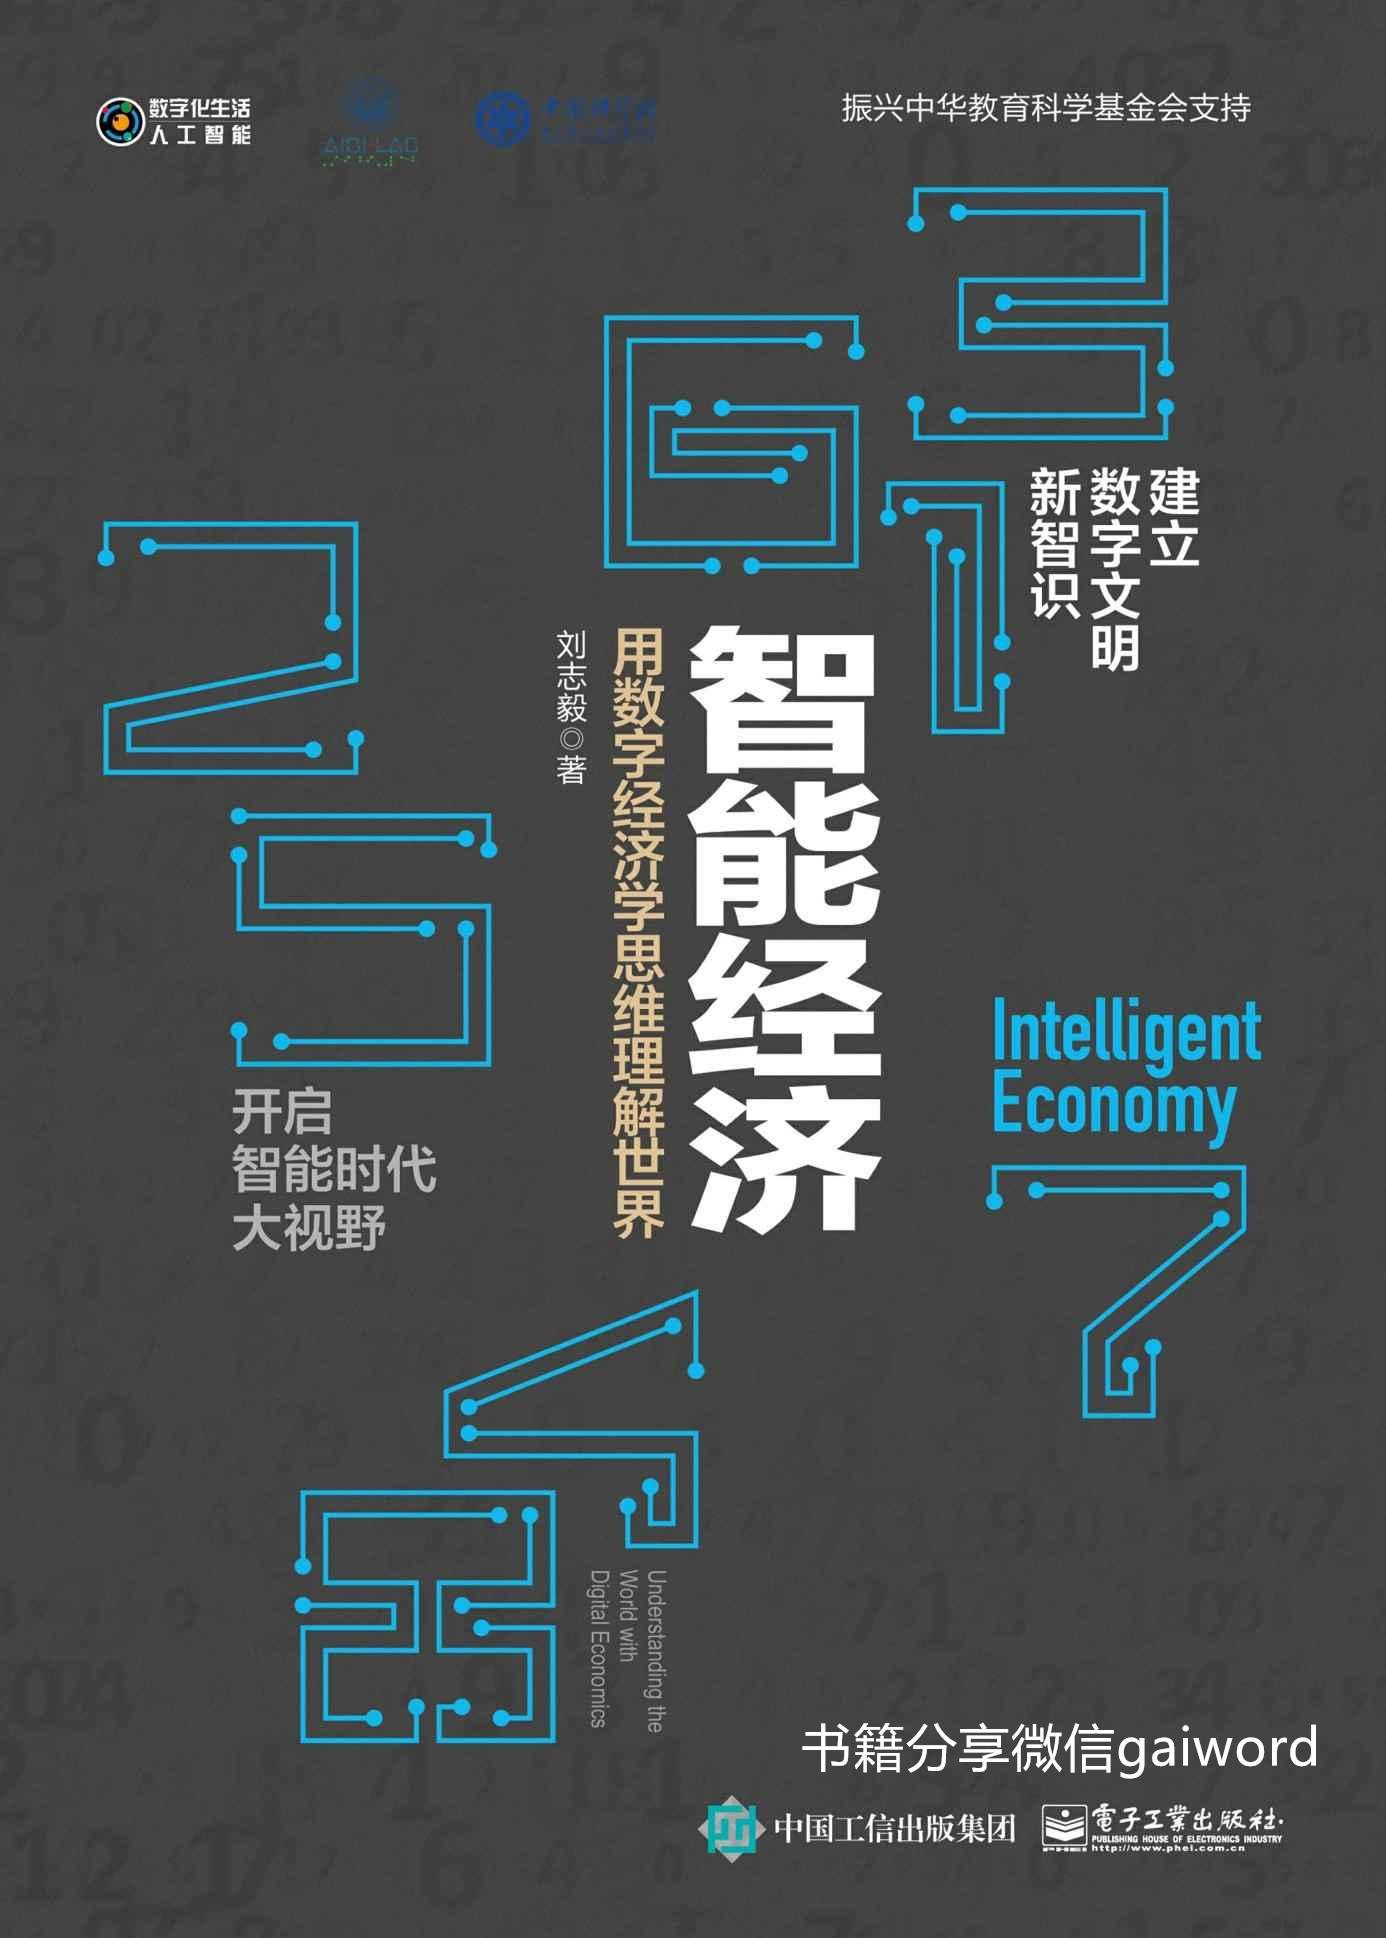 智能經濟:用數字經濟學思維理解世界mobi